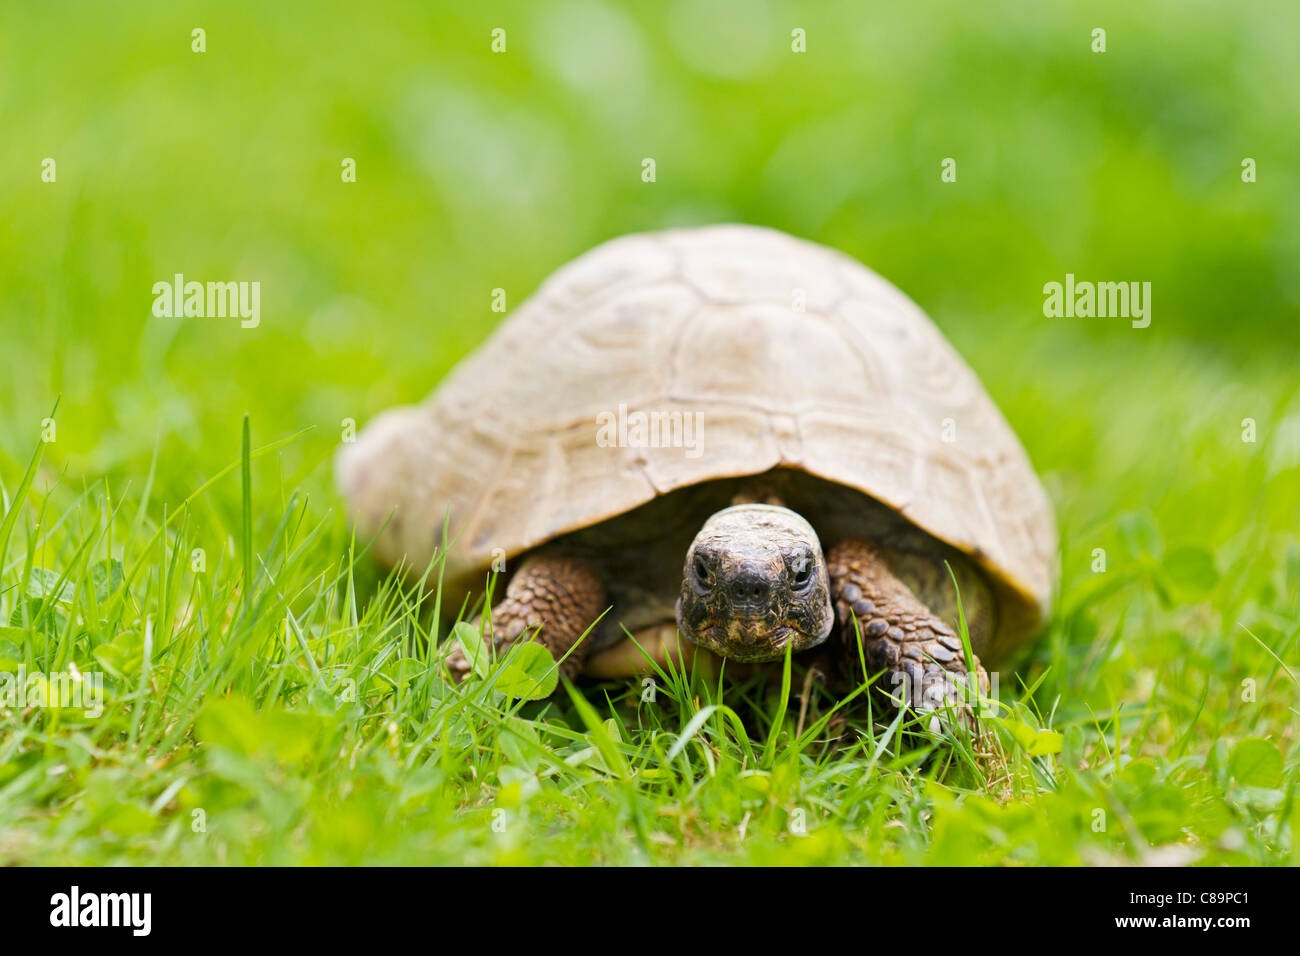 Deutschland Bayern Hermanns Schildkröte Im Rasen Stockfoto Bild